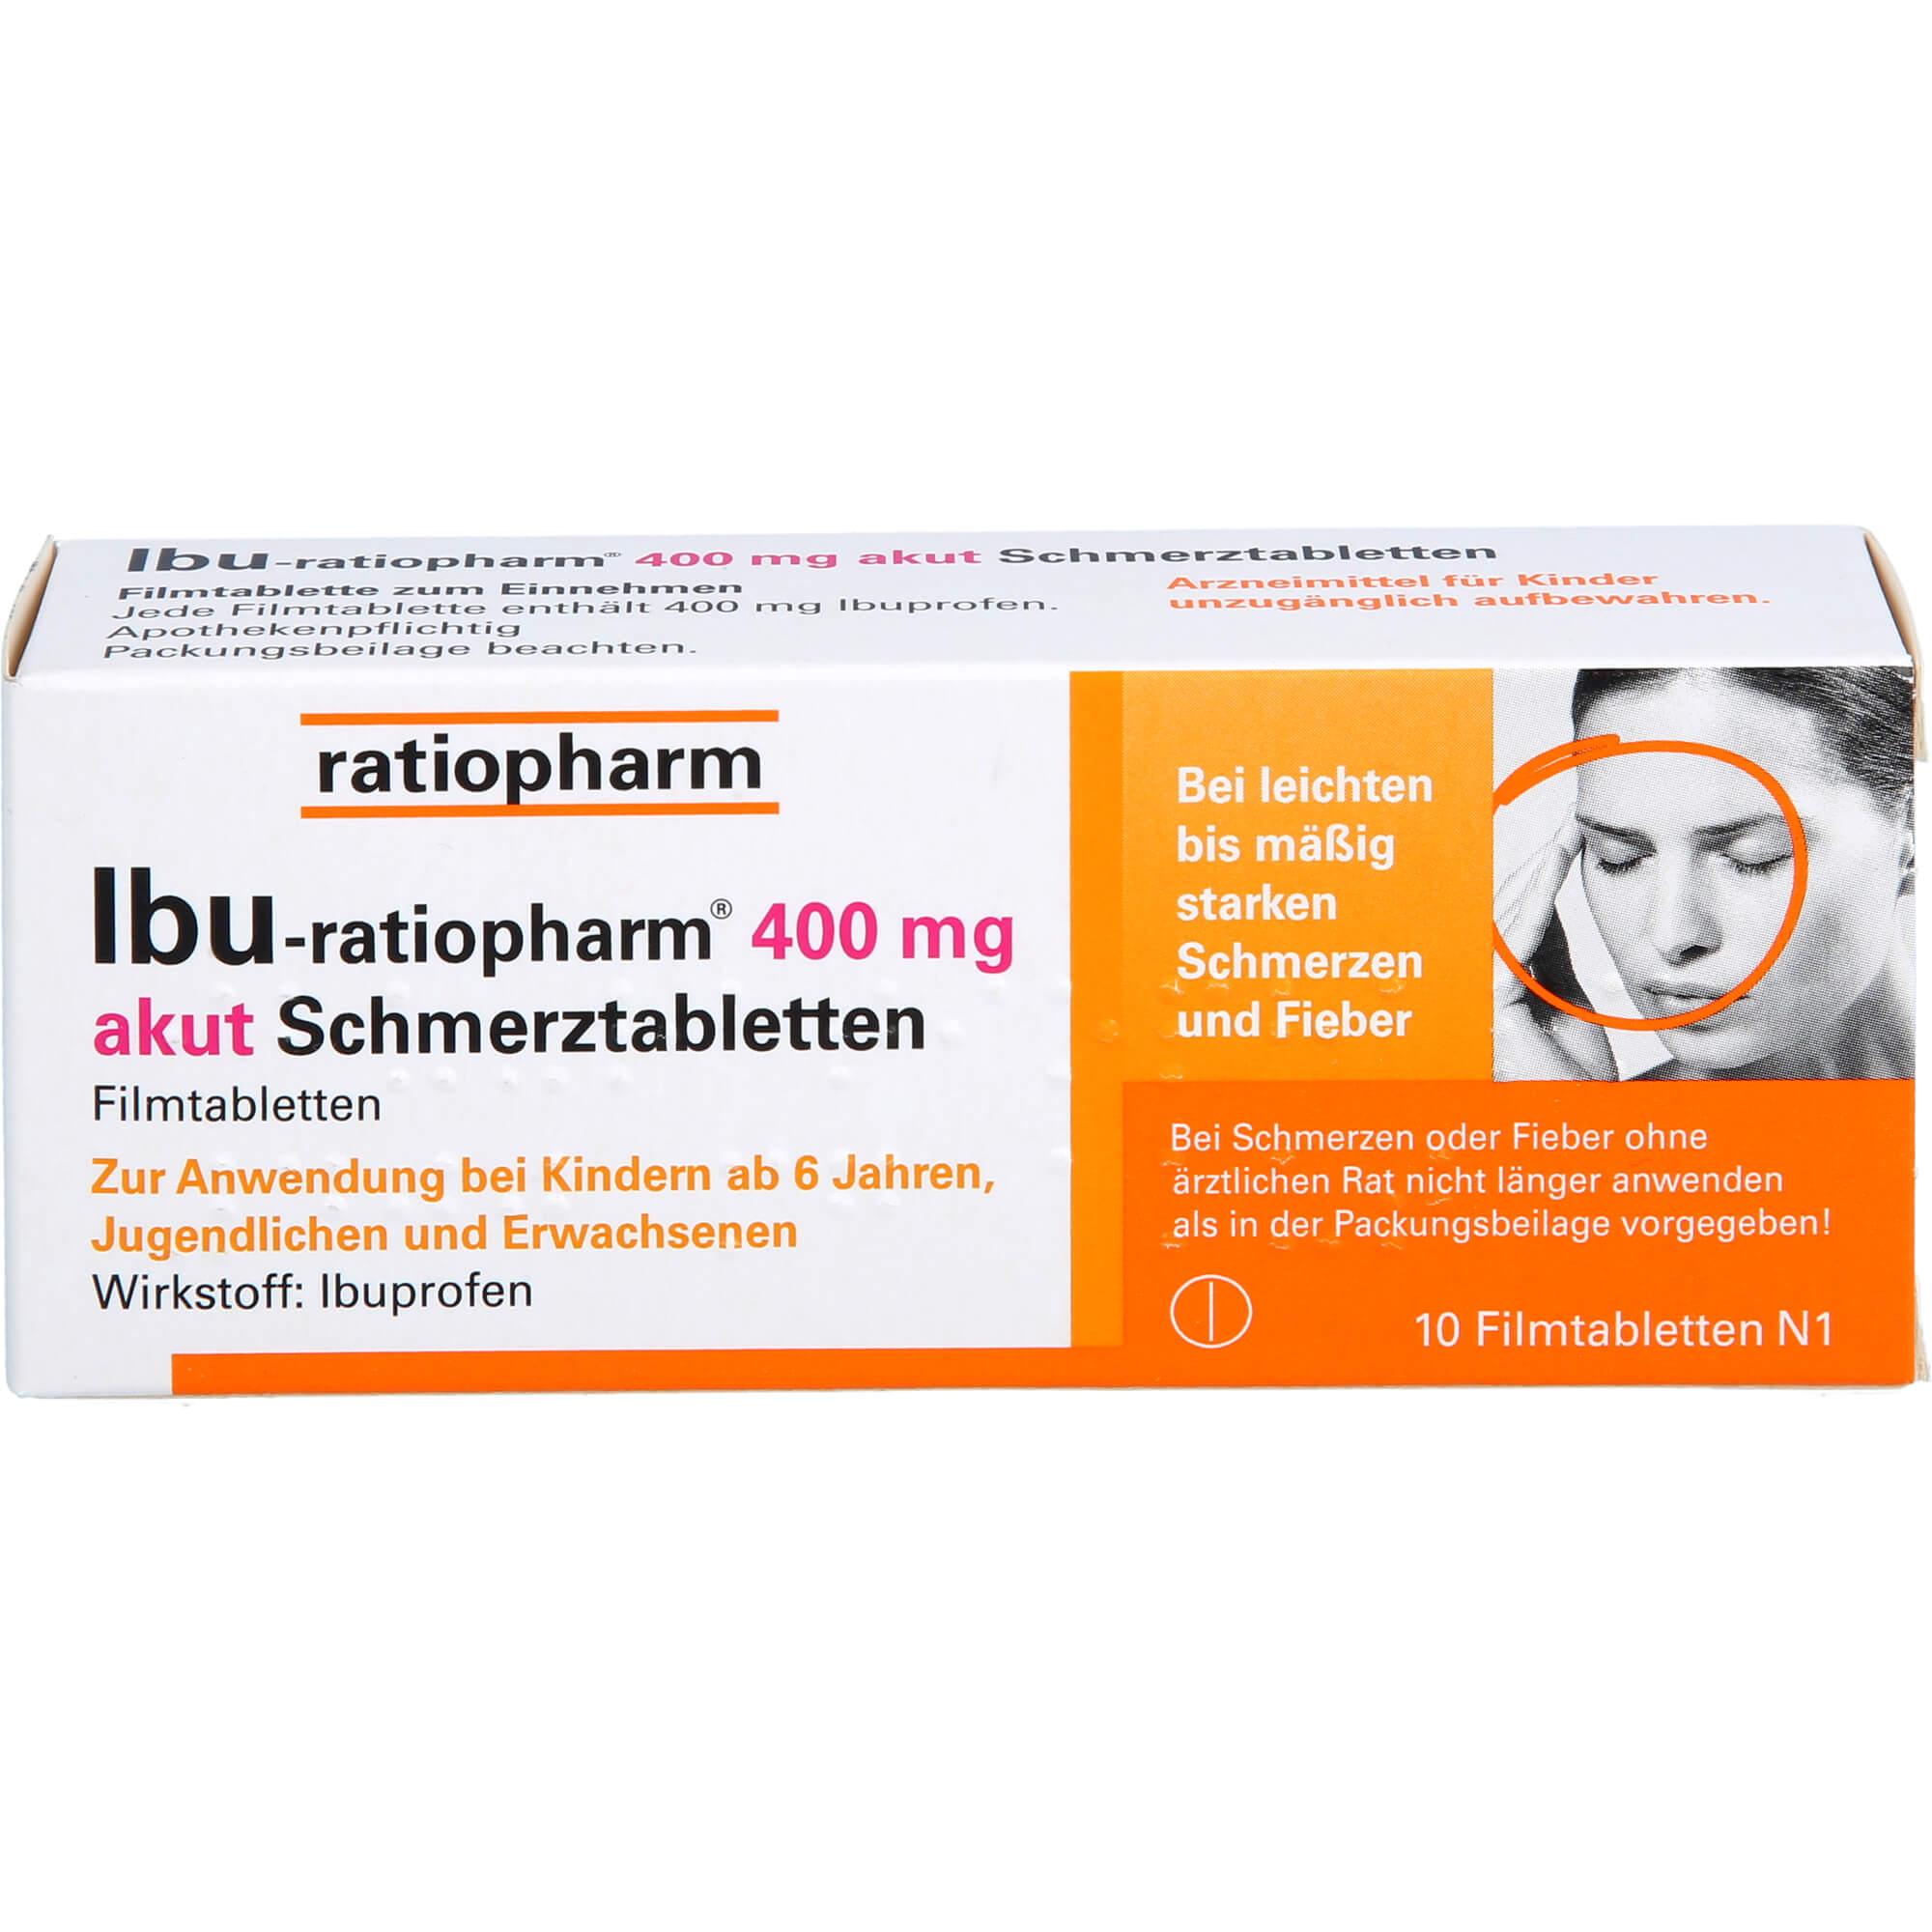 IBU-RATIOPHARM-400-mg-akut-Schmerztbl-Filmtabl